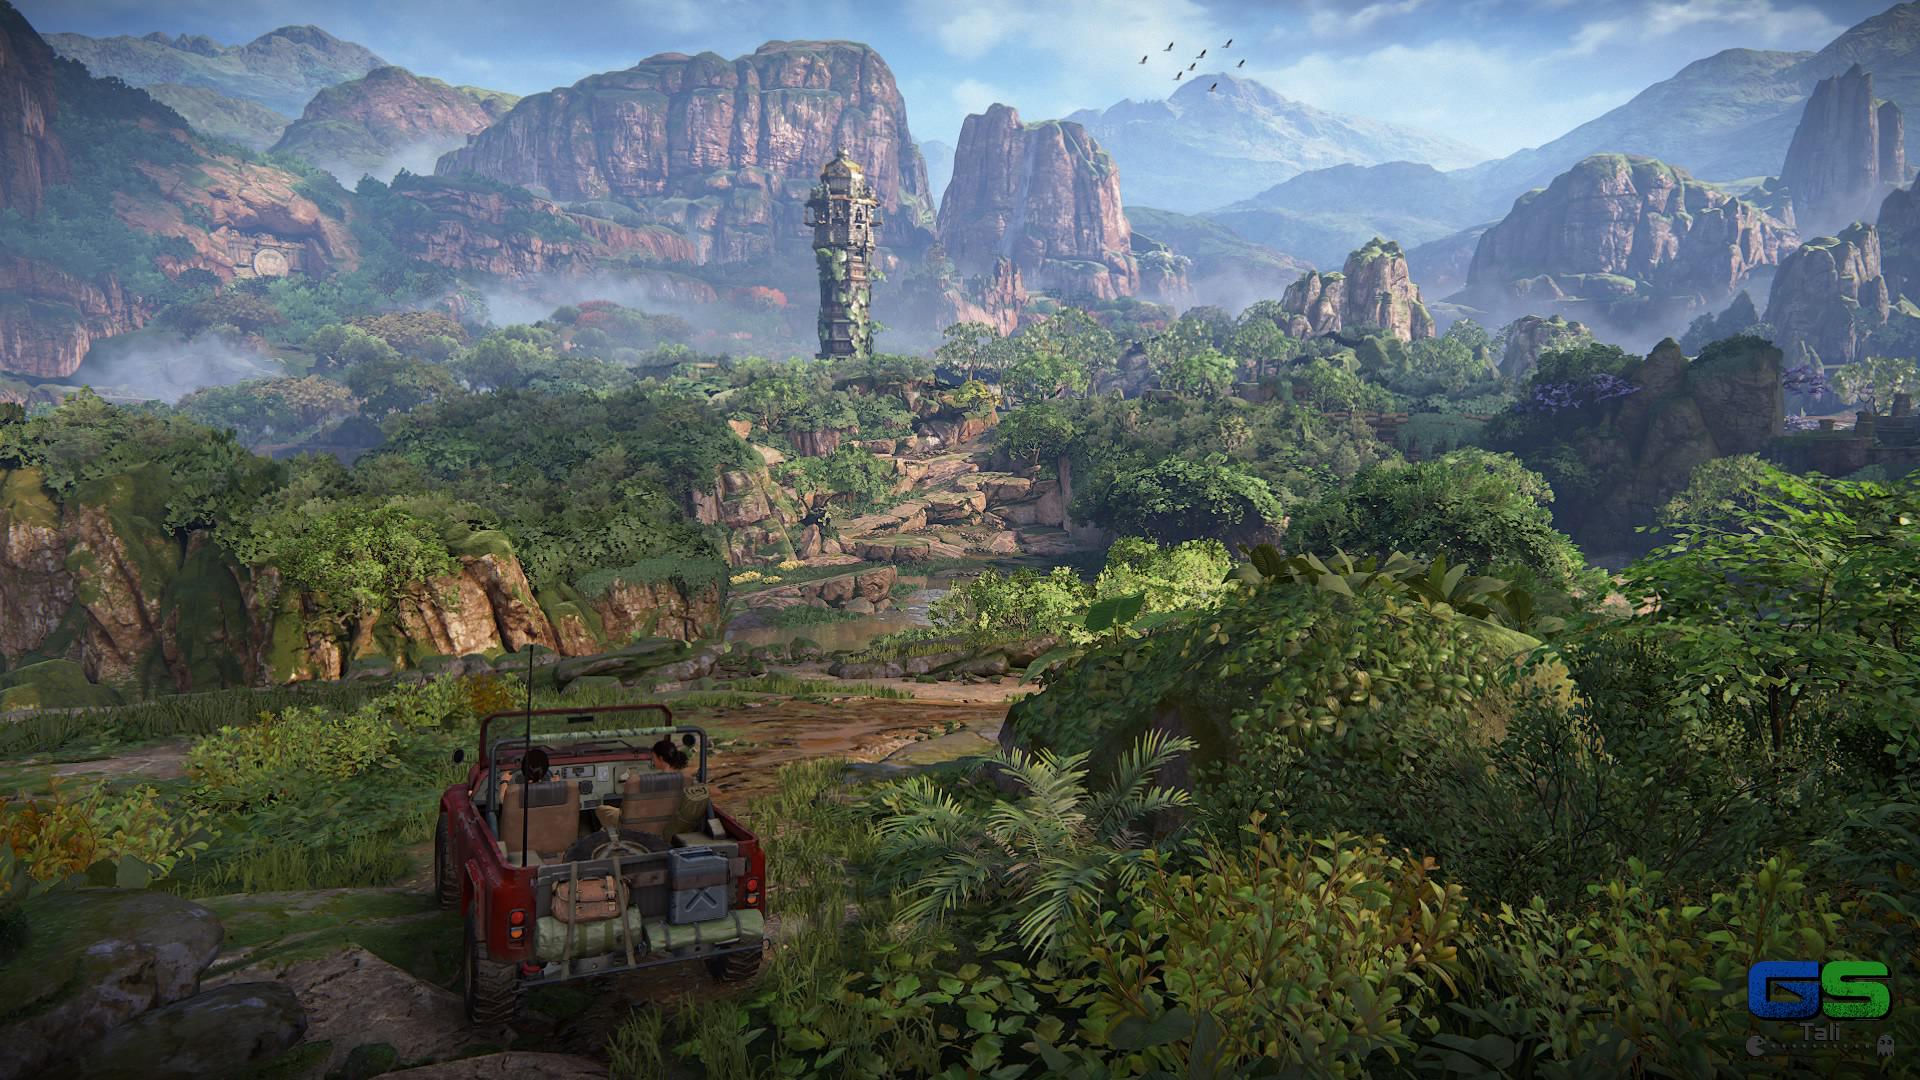 Uncharted: L'eredità Perduta - Esplorazione